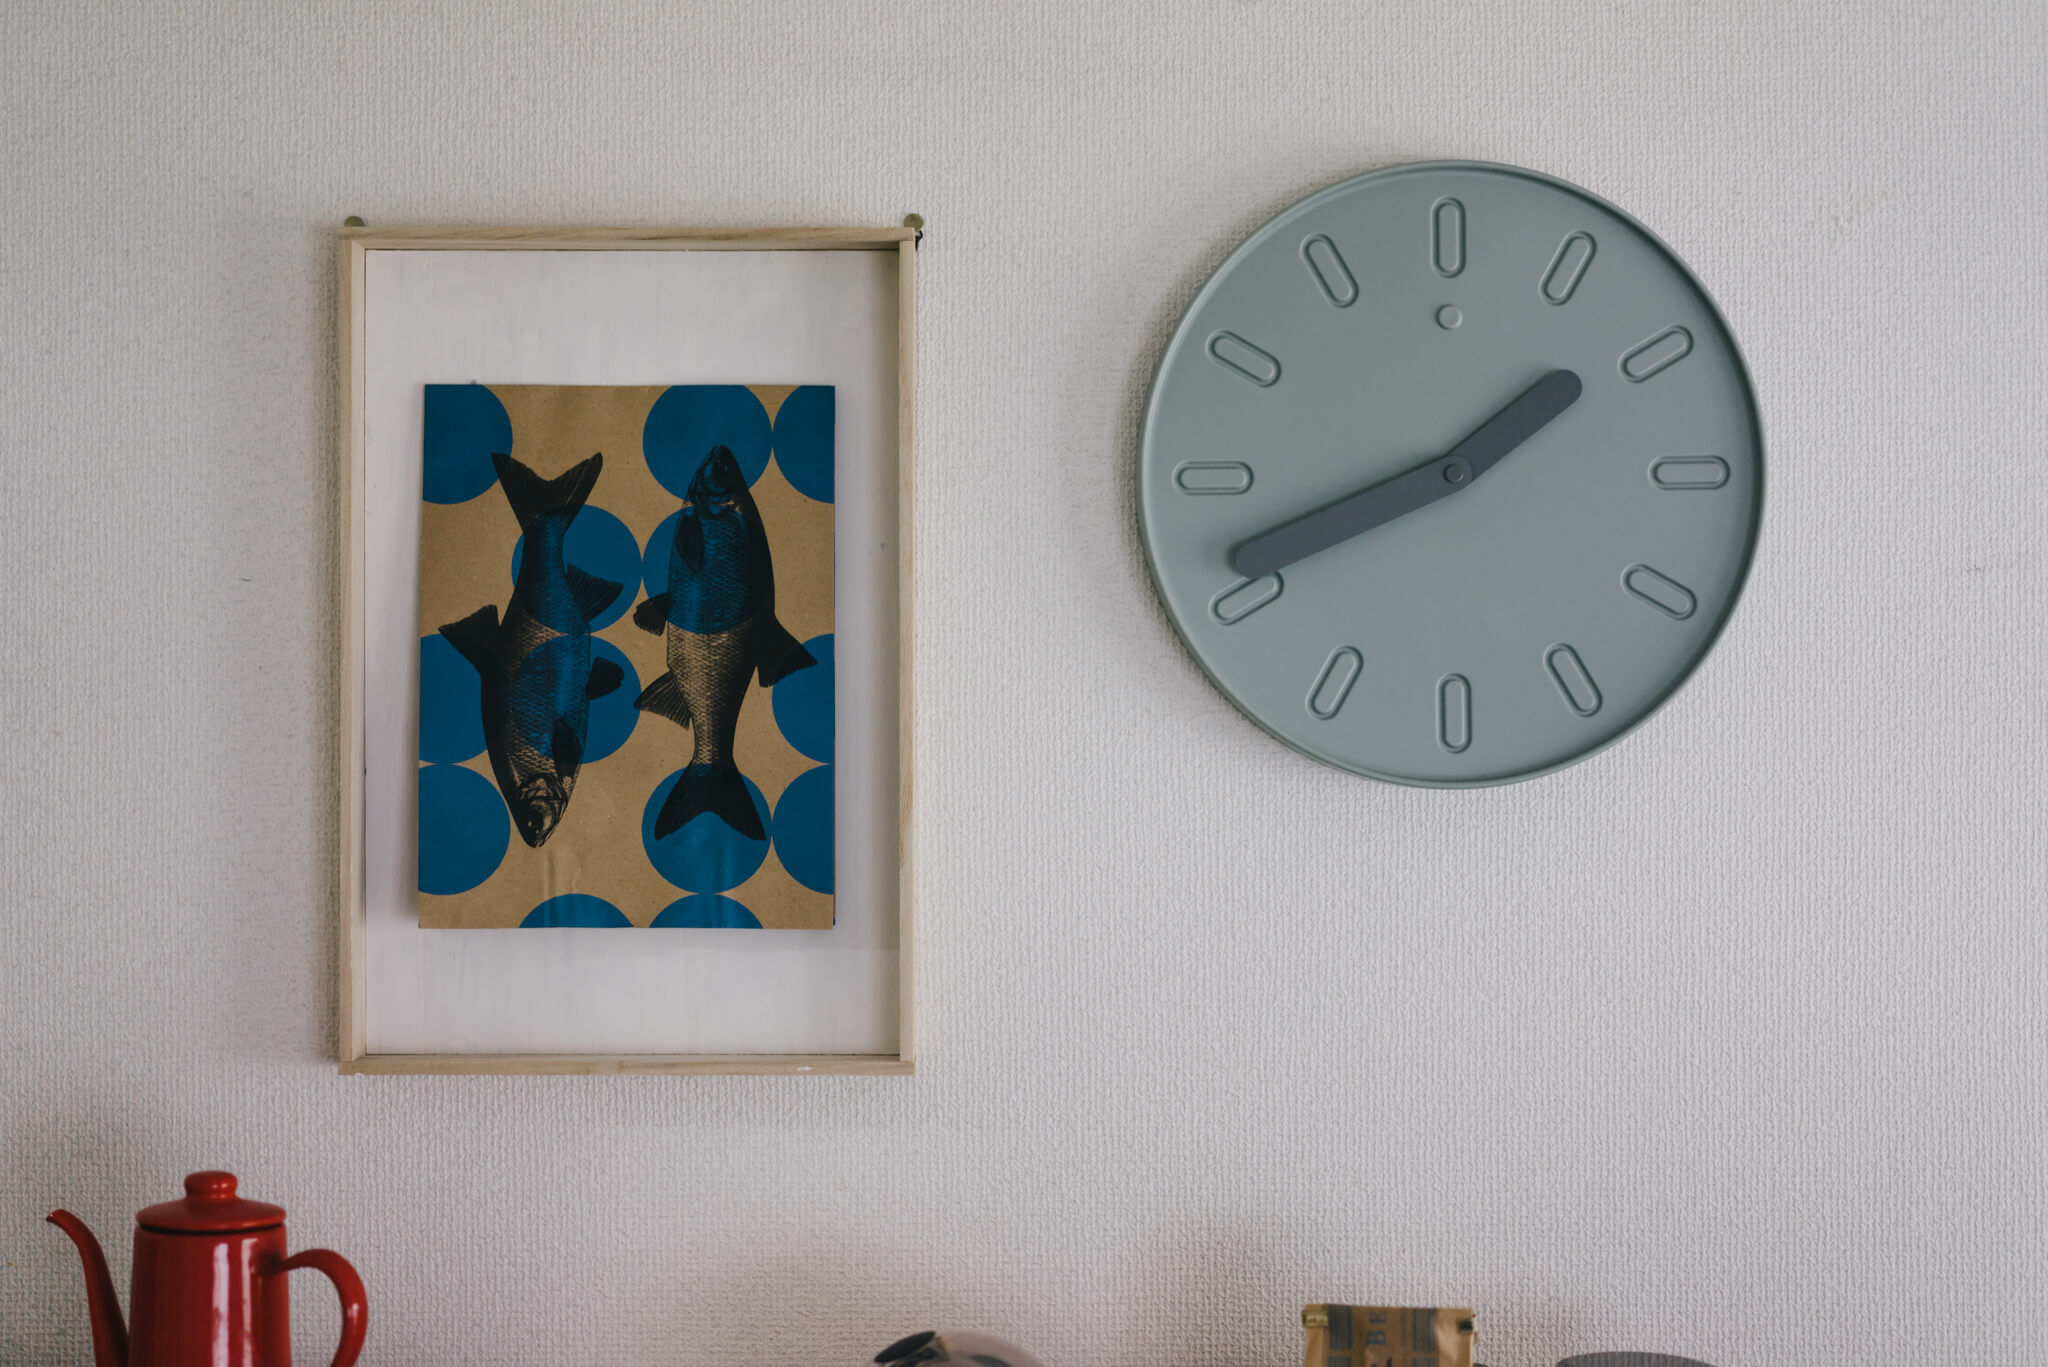 魚のイラストのアートが飾られている額は、ホームセンターで買ってきた木材を組み合わせただけ。そうか、額って、作ればよかったのか……!